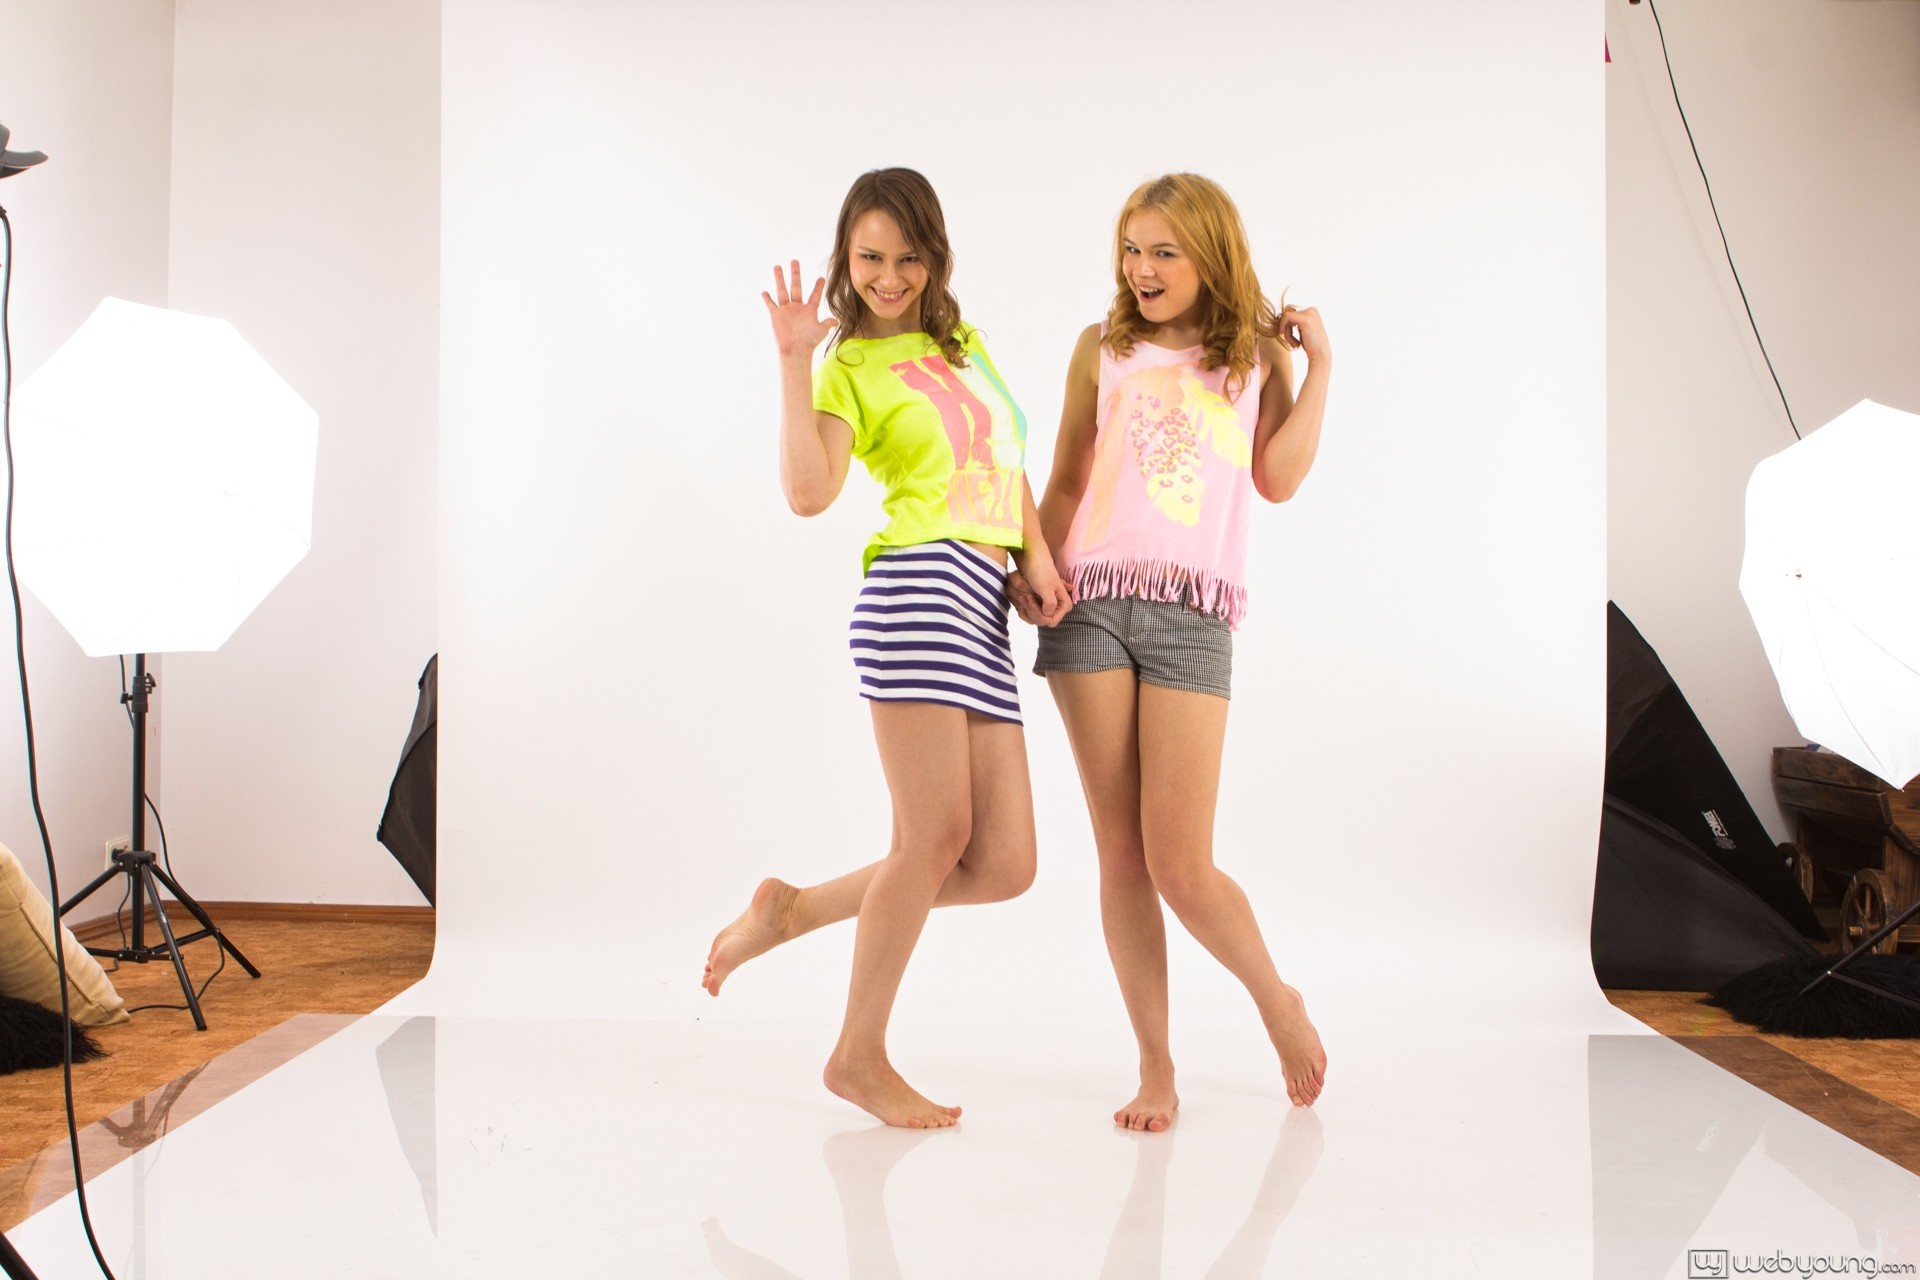 Beata undine and ksenija at webyoung